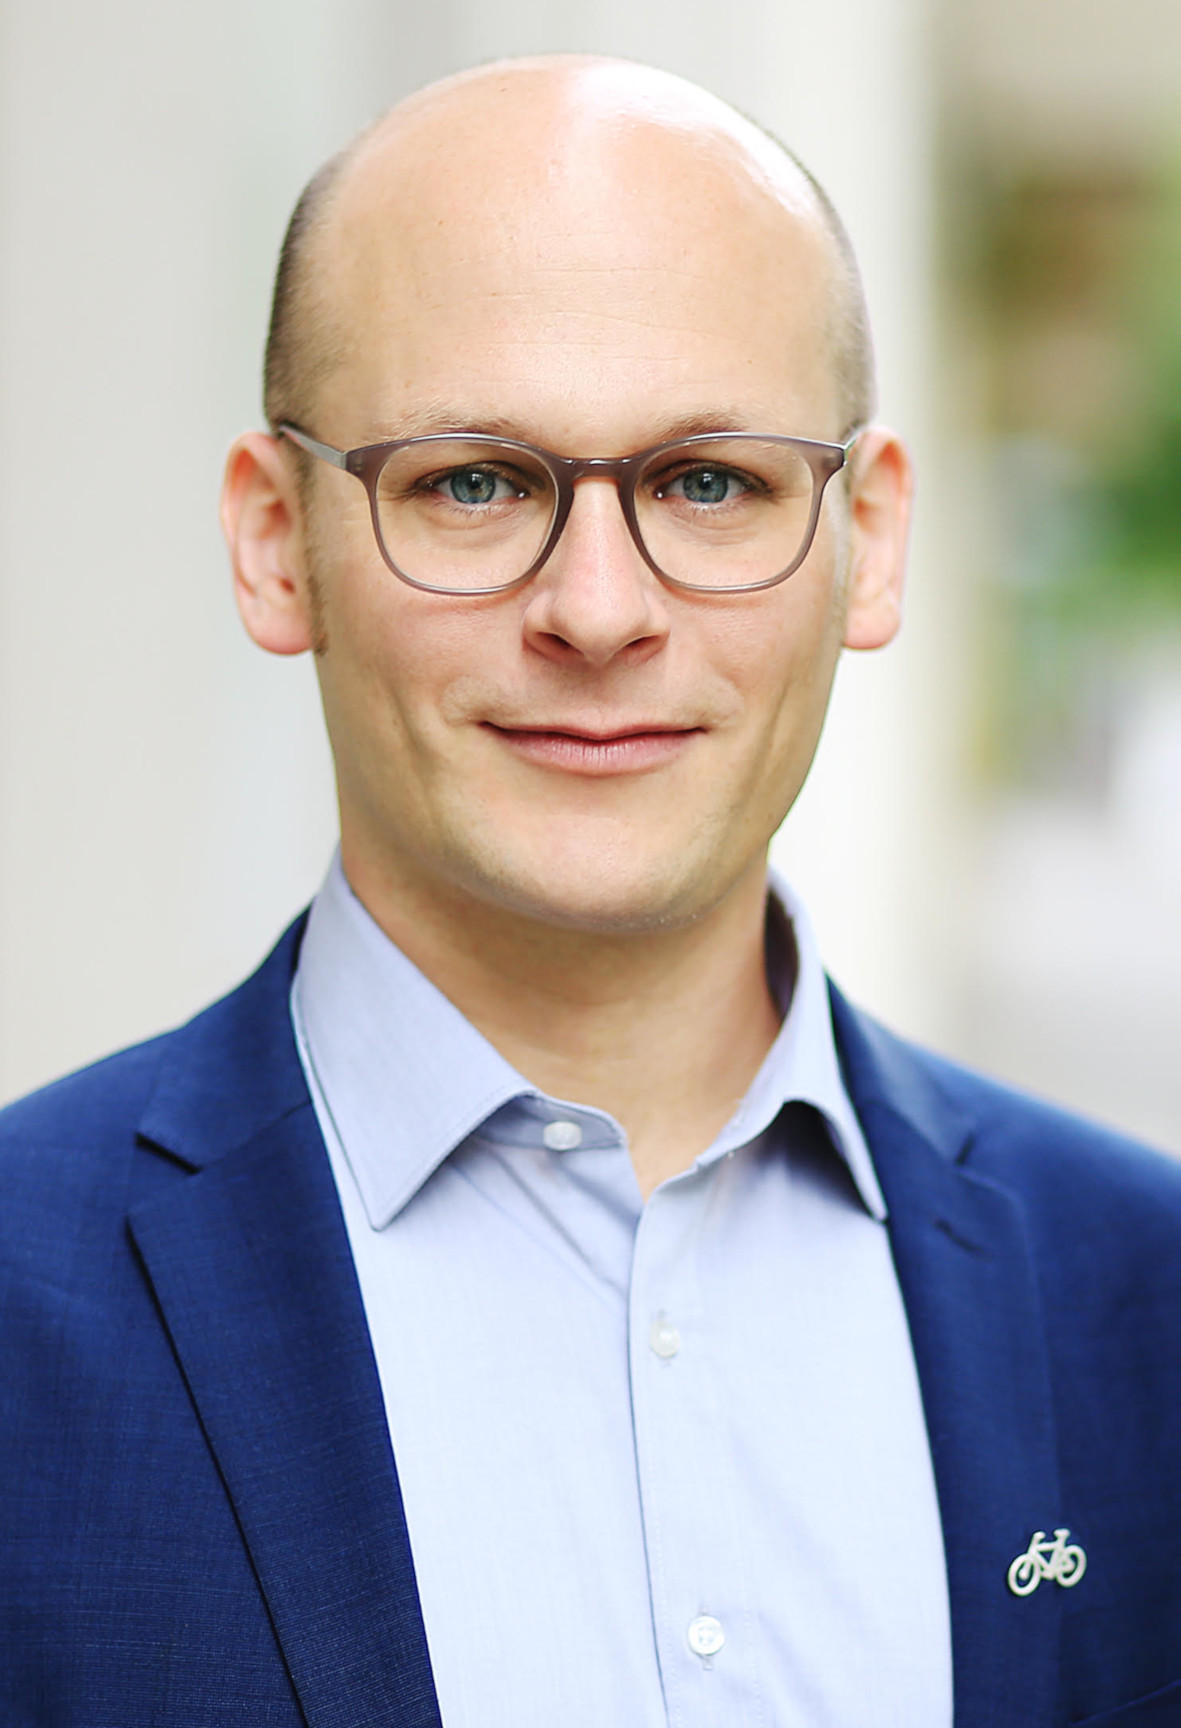 Tim Birkholz als Redakteur bei Urbanophil